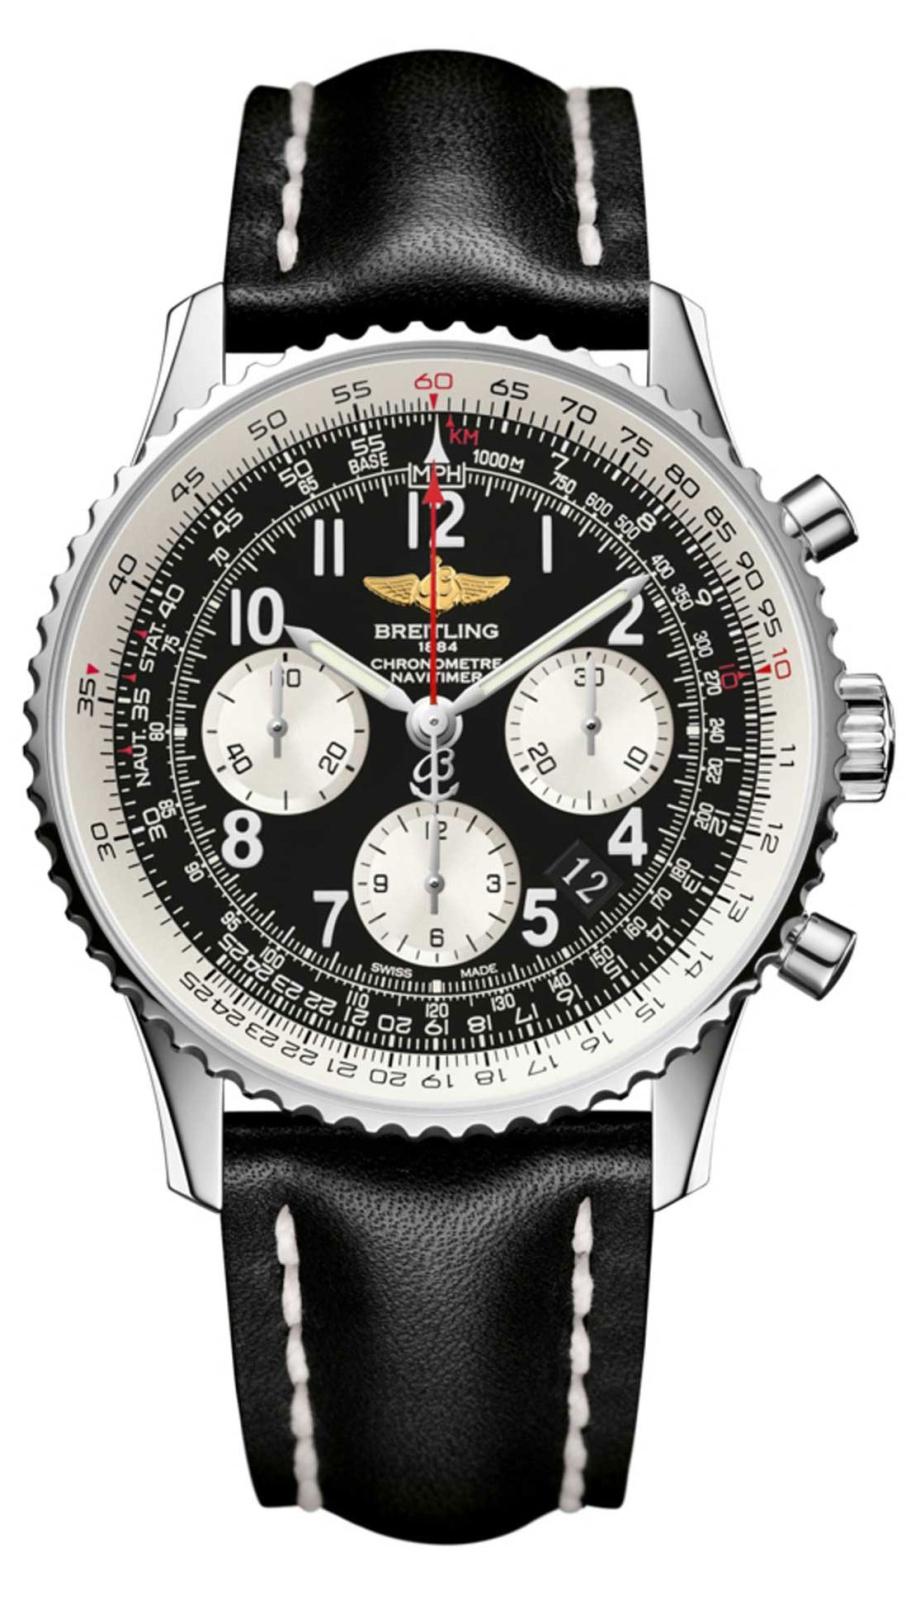 Breitling Navitimer AB012012/BB02/435XНаручные часы<br>Швейцарские часы Breitling Navitimer 01 AB012012/BB02/435XЭто больше, чем легенда: классические часы Navitimer, они стали первым наручным хронографом, побывавшим в космосе. Часы входят в коллекциюNavitimer 01, модель распознаётся сразу же благодаря вращающемуся в двух направлениях безелю с храповым механизмом, который даёт возможность легко воспользоваться знаменитой круглой логарифмической линейкой для авиаторов. Материал корпуса - нержавеющая сталь 316L. Механизм - Breitling B01 - первый мануфактурный (собственного производства) механизм компании Breitling, 28800 полуколебаний/час, 47 камней, сертифицированный хронометр C.O.S.C., быстрая корректировка даты, запас хода до 70 часов. Сапфировое стекло с двойным антибликовым покрытием. Водозащита - 30 м. Ремень - кожа теленка. Диаметр корпуса 43 мм.<br><br>Для кого?: Мужские<br>Страна-производитель: Швейцария<br>Механизм: Механический<br>Материал корпуса: Сталь<br>Материал ремня/браслета: Кожа<br>Водозащита, диапазон: 20 - 100 м<br>Стекло: Сапфировое<br>Толщина корпуса: 14,25 мм<br>Стиль: Классика